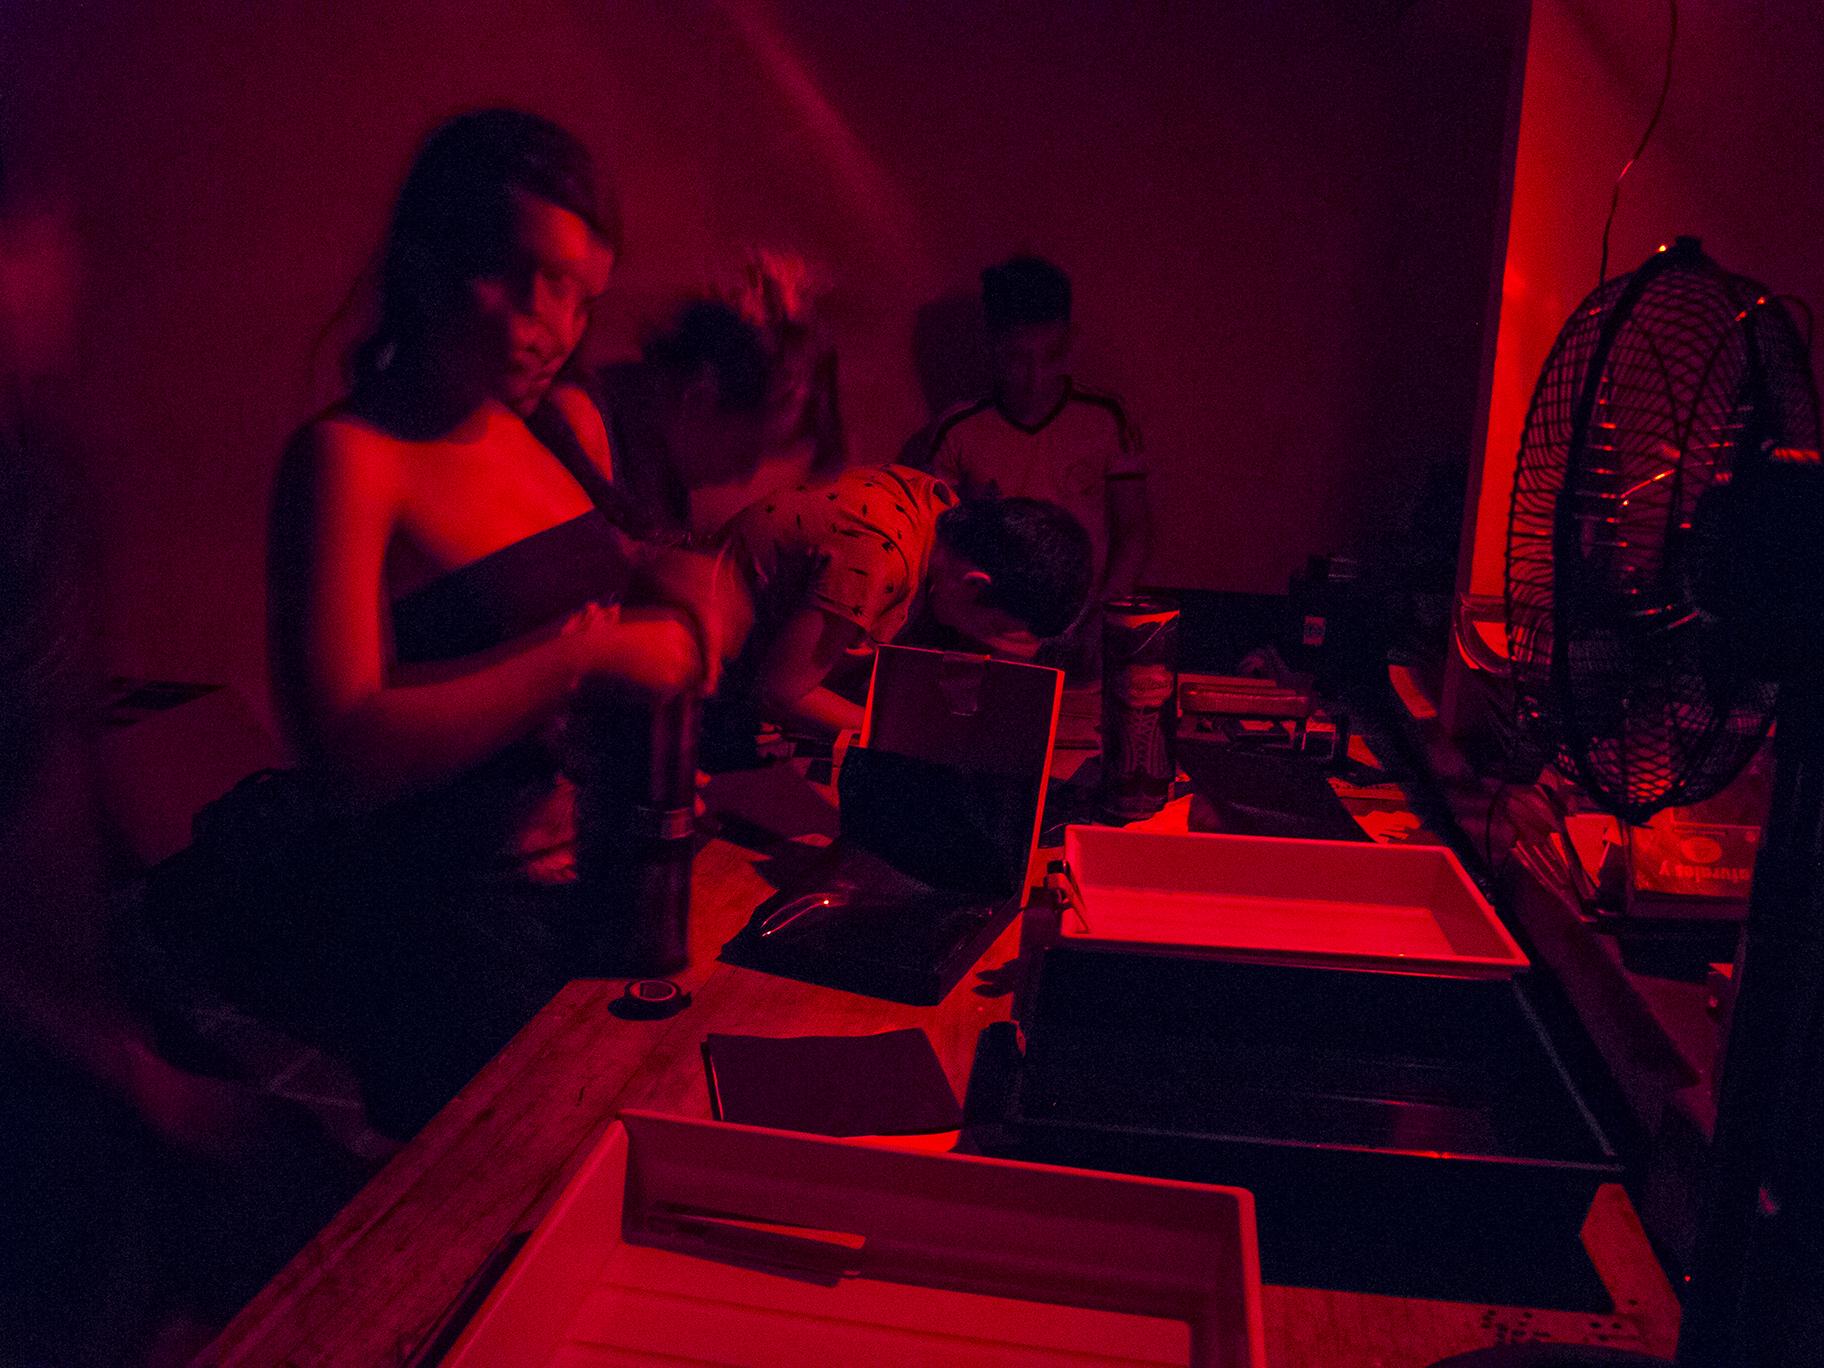 cuarto oscuro 002_8.jpg